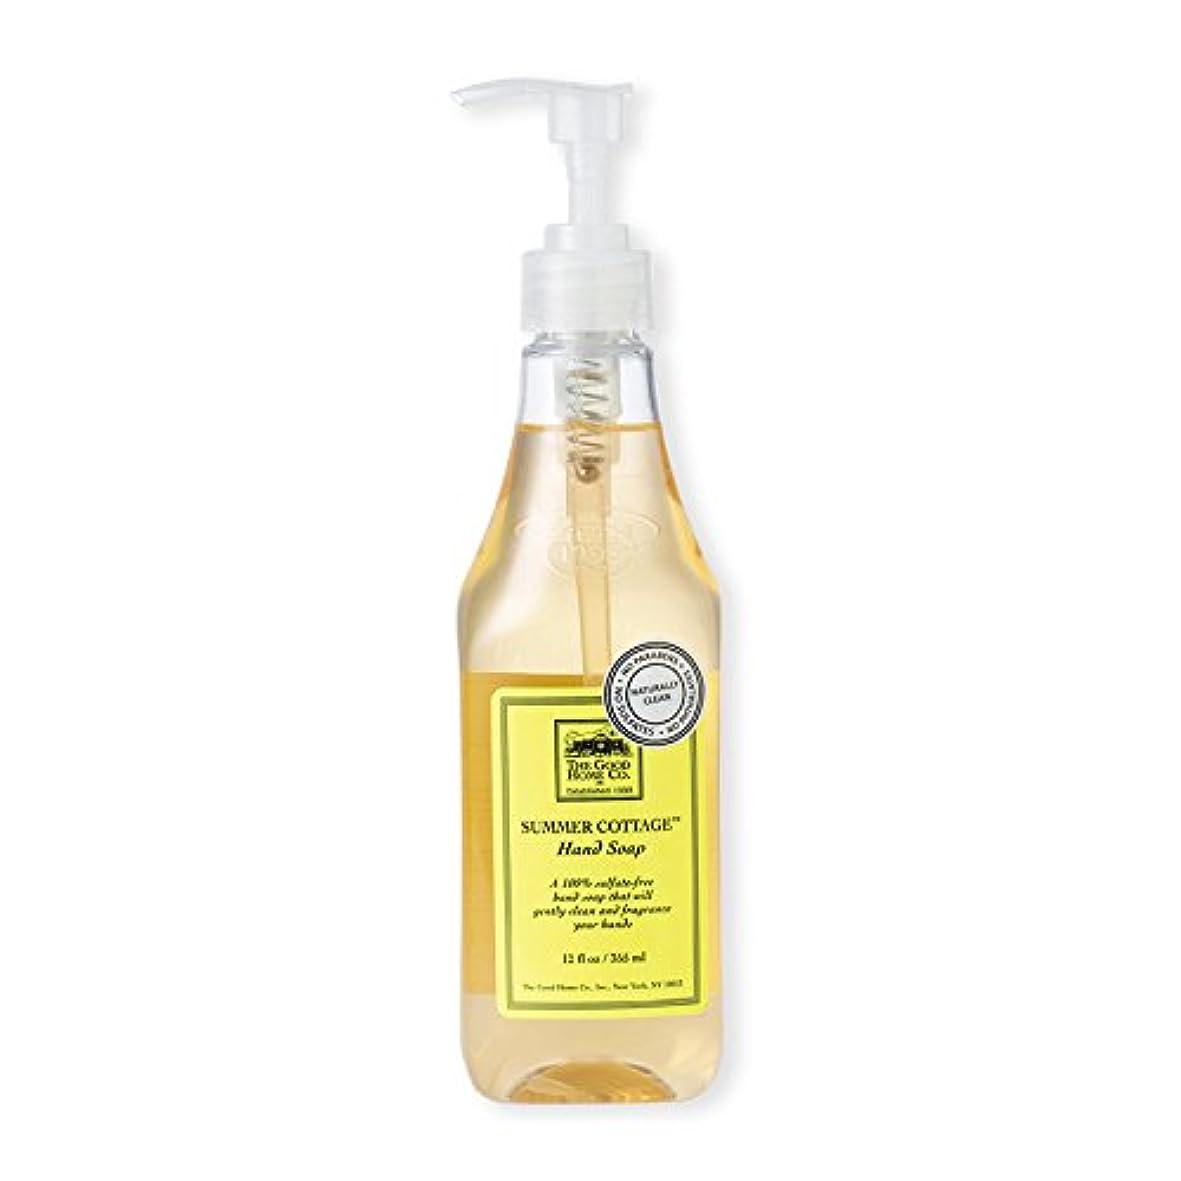 夜明け言うスイングザ グッドホーム カンパニー HAND SOAP ハンドソープ 石鹸 せっけん ギフト 355ml レディーズ (並行輸入品)